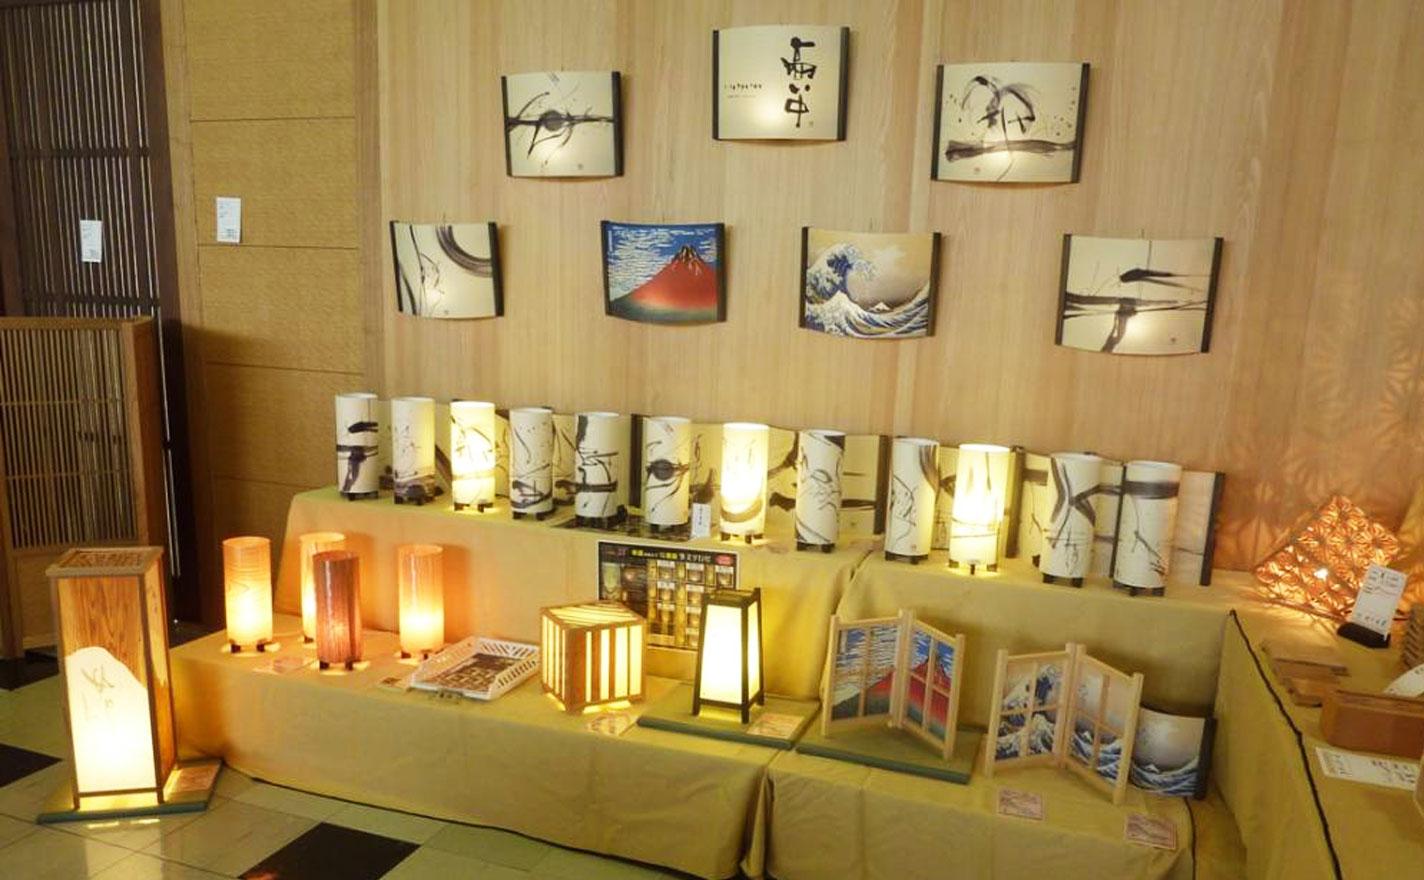 第61回大川木工まつり2011のアイインテリアさんの展示風景